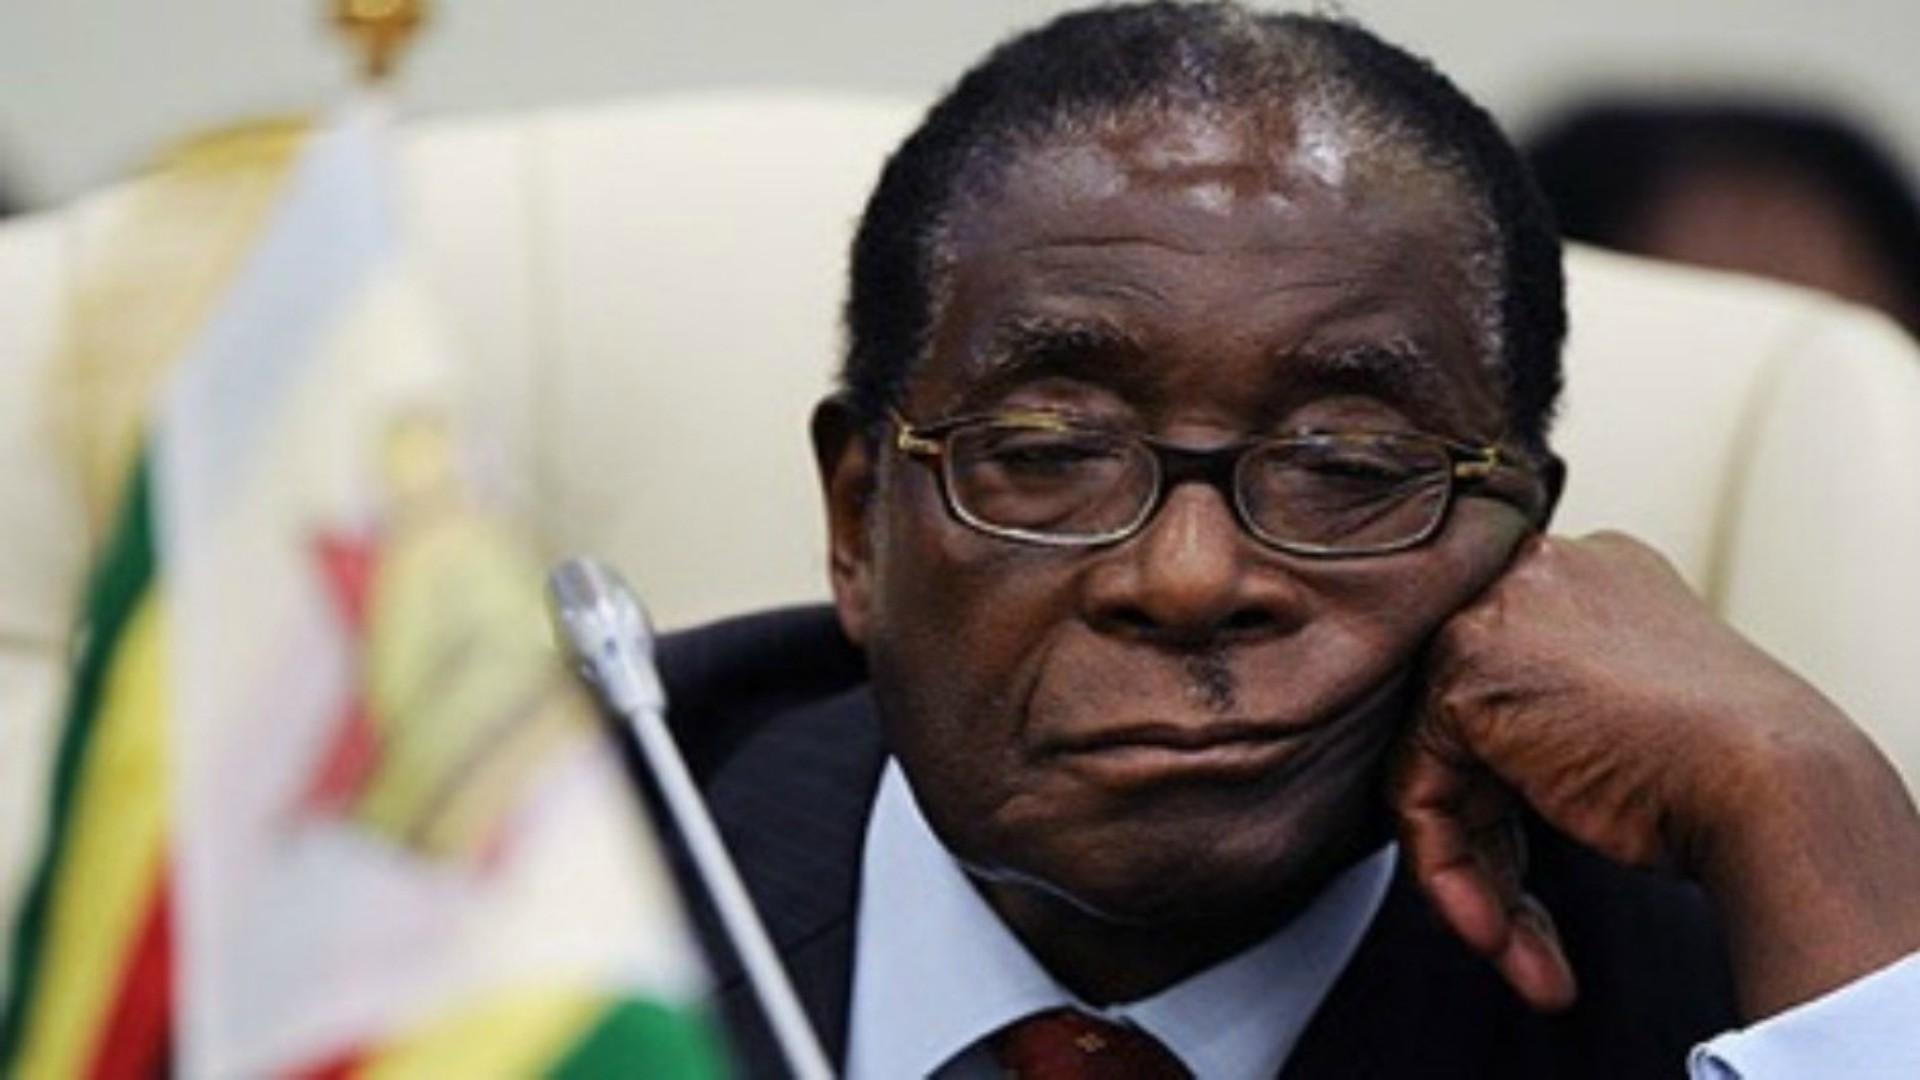 Foto's en video's waarop Mugabe zijn ogen niet open lijkt te kunnen houden zijn problematisch voor de regering.